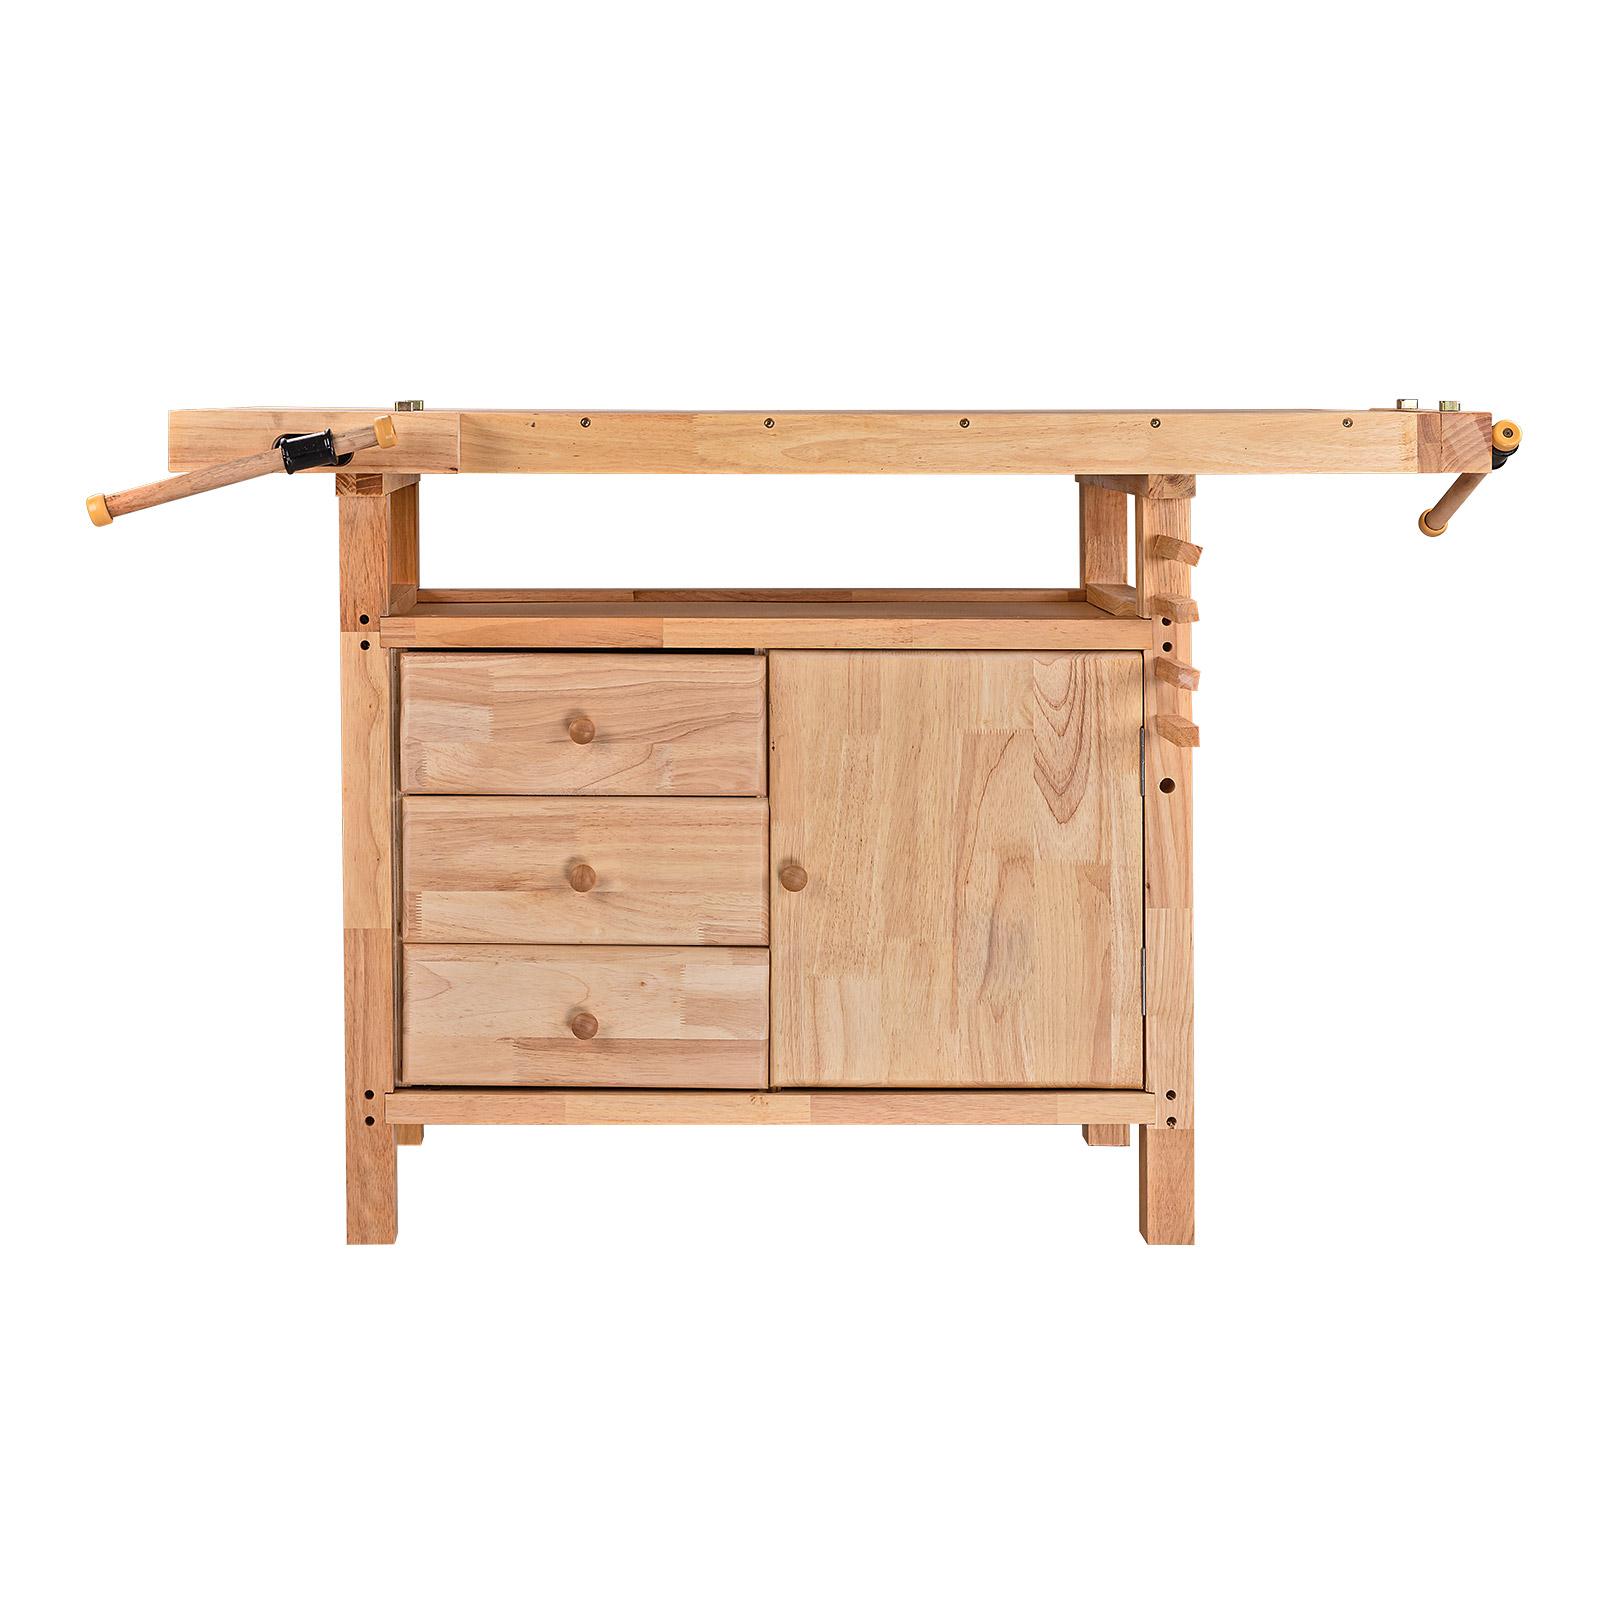 holz werkbank holztisch hobelbank werktisch mit schubladen schraubstock massiv ebay. Black Bedroom Furniture Sets. Home Design Ideas